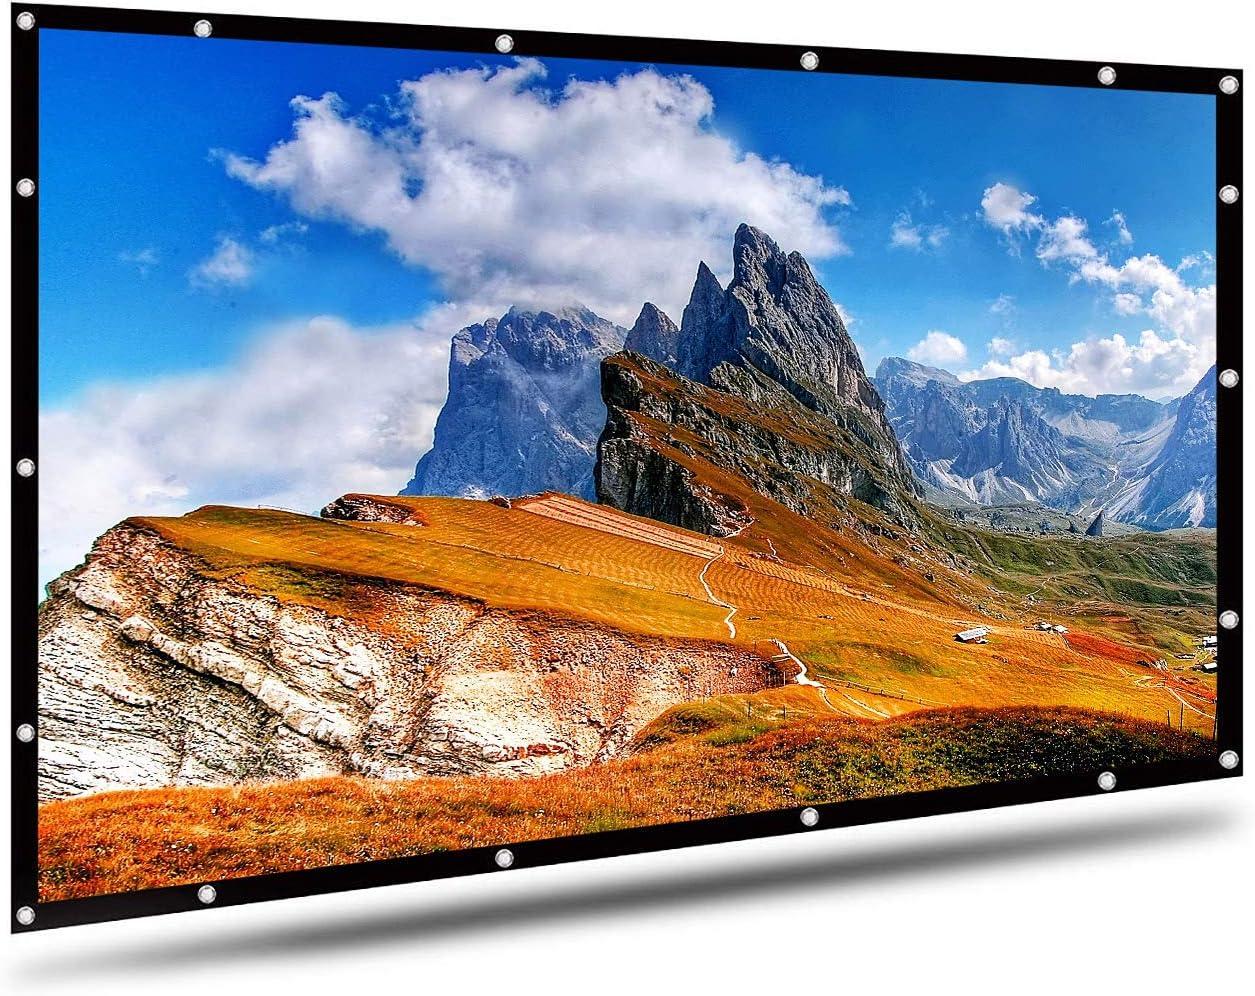 Pantalla de proyector de Montaje en Pared/portátil proyector de Pantalla 16: 9 Color Blanco 120 Pulgadas en Diagonal Proyección de la Pantalla